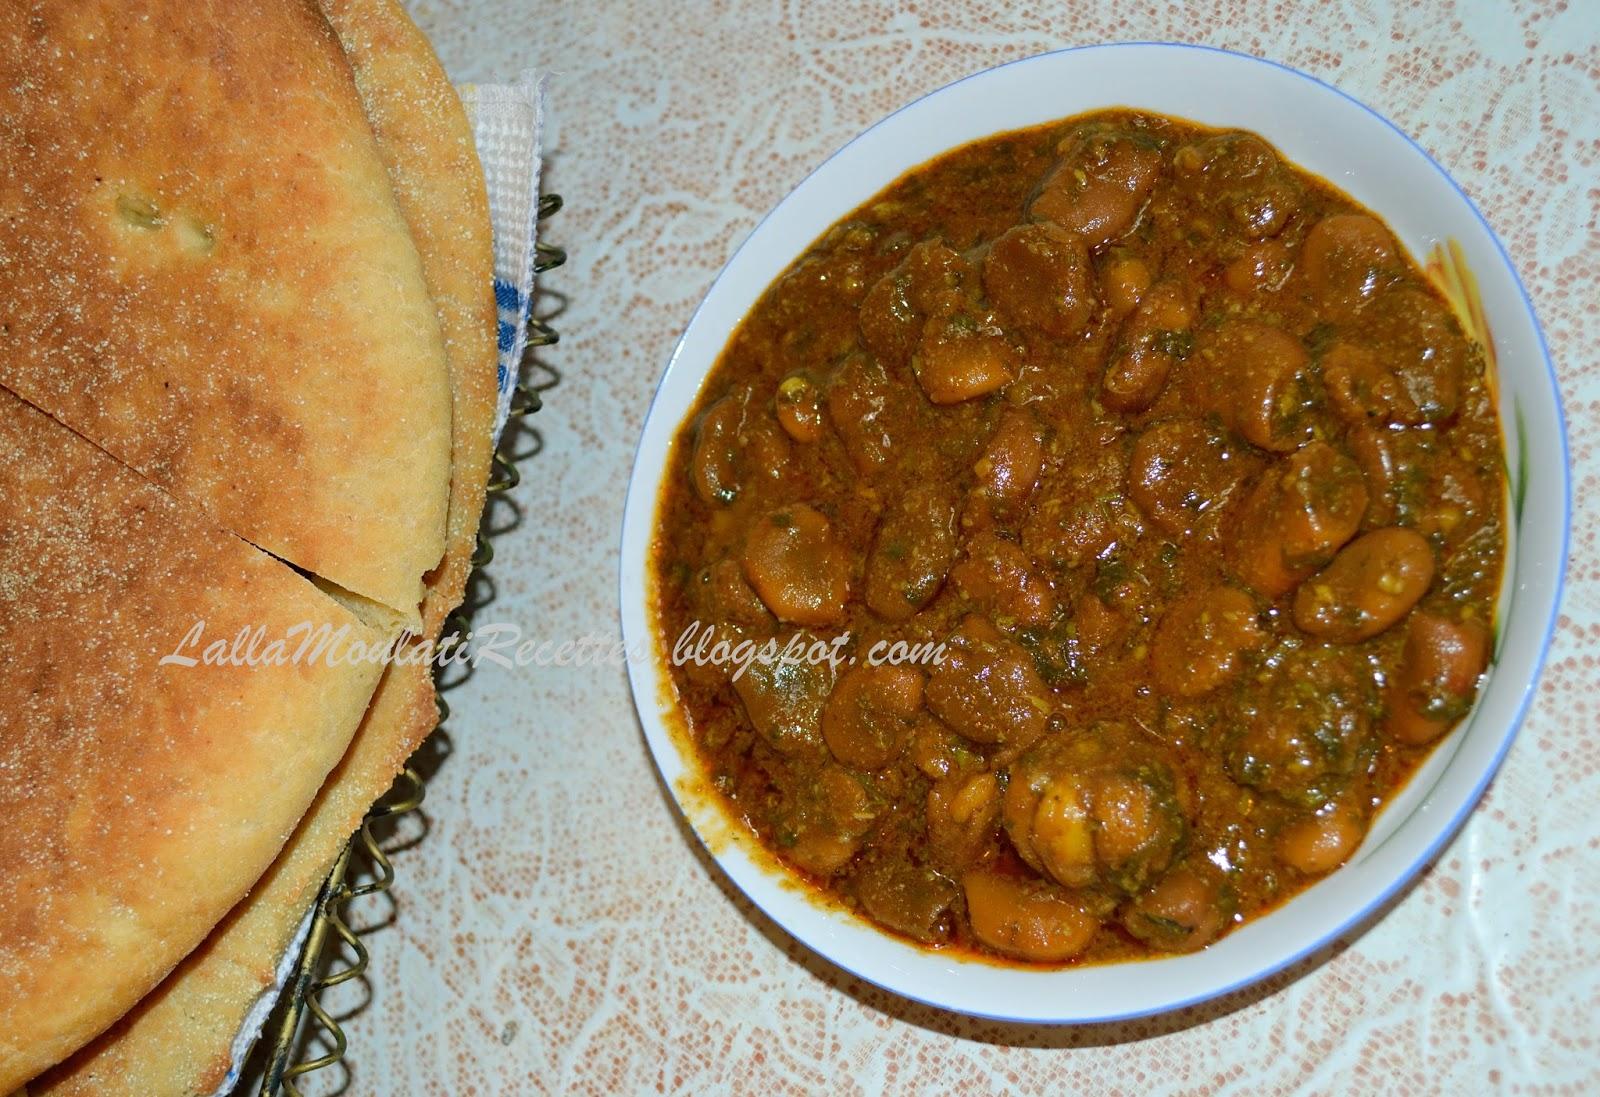 Recettes de salades marocaines  Cuisine du Maroc : poivrons, tomates,